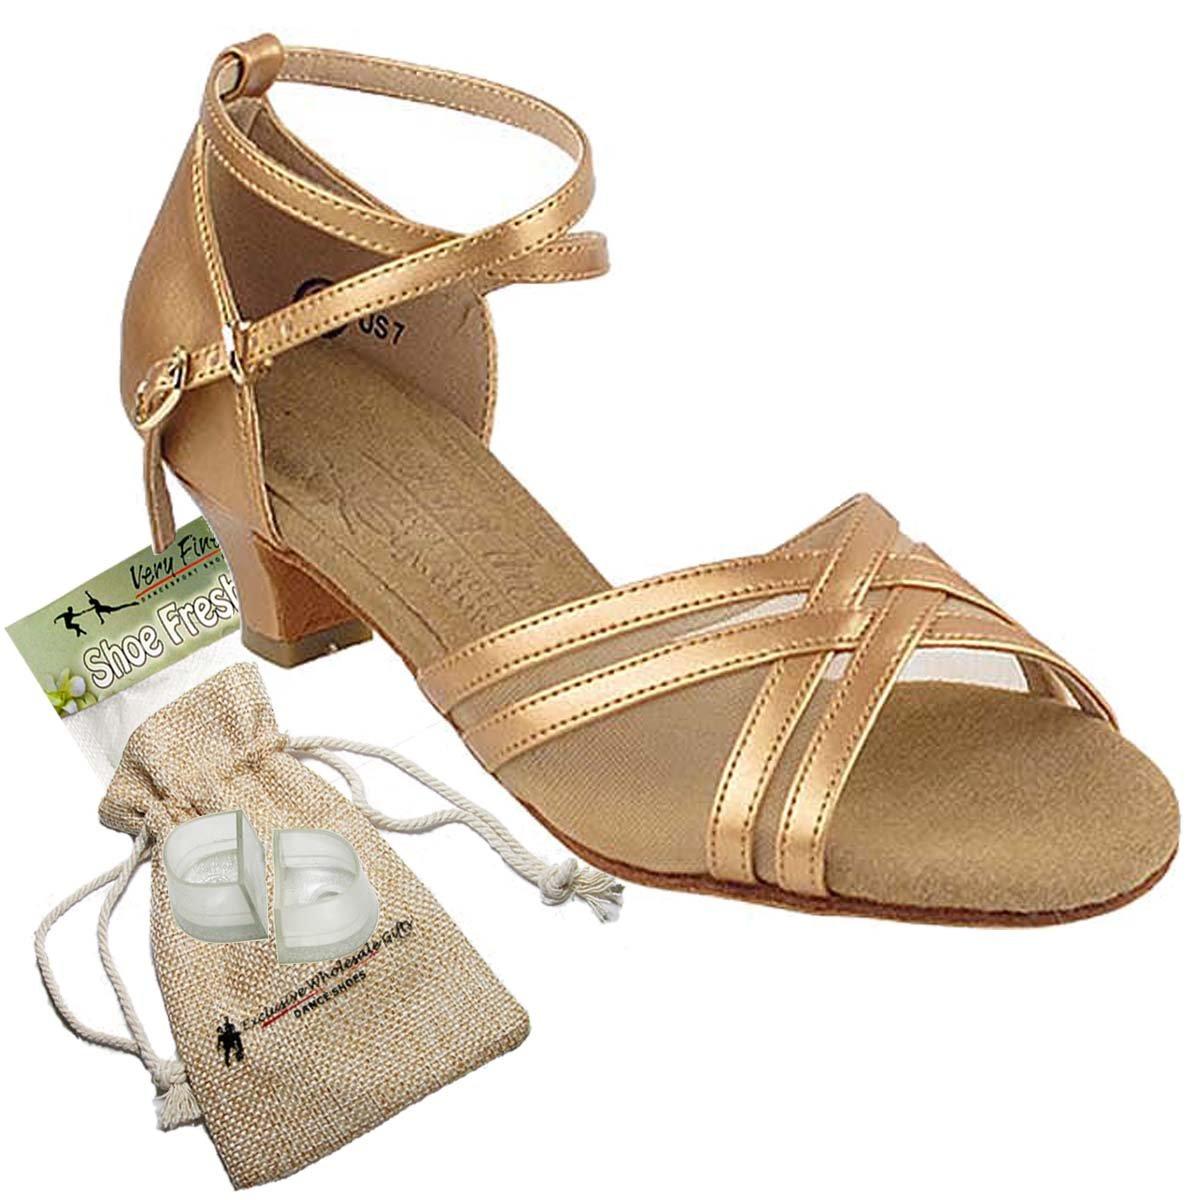 新着商品 [Very Fine Shoes] Nude レディース Shoes] B0753THXJ8 Copper Nude Leather 6.5 [Very B(M) US, りんごClub:4de96bed --- a0267596.xsph.ru